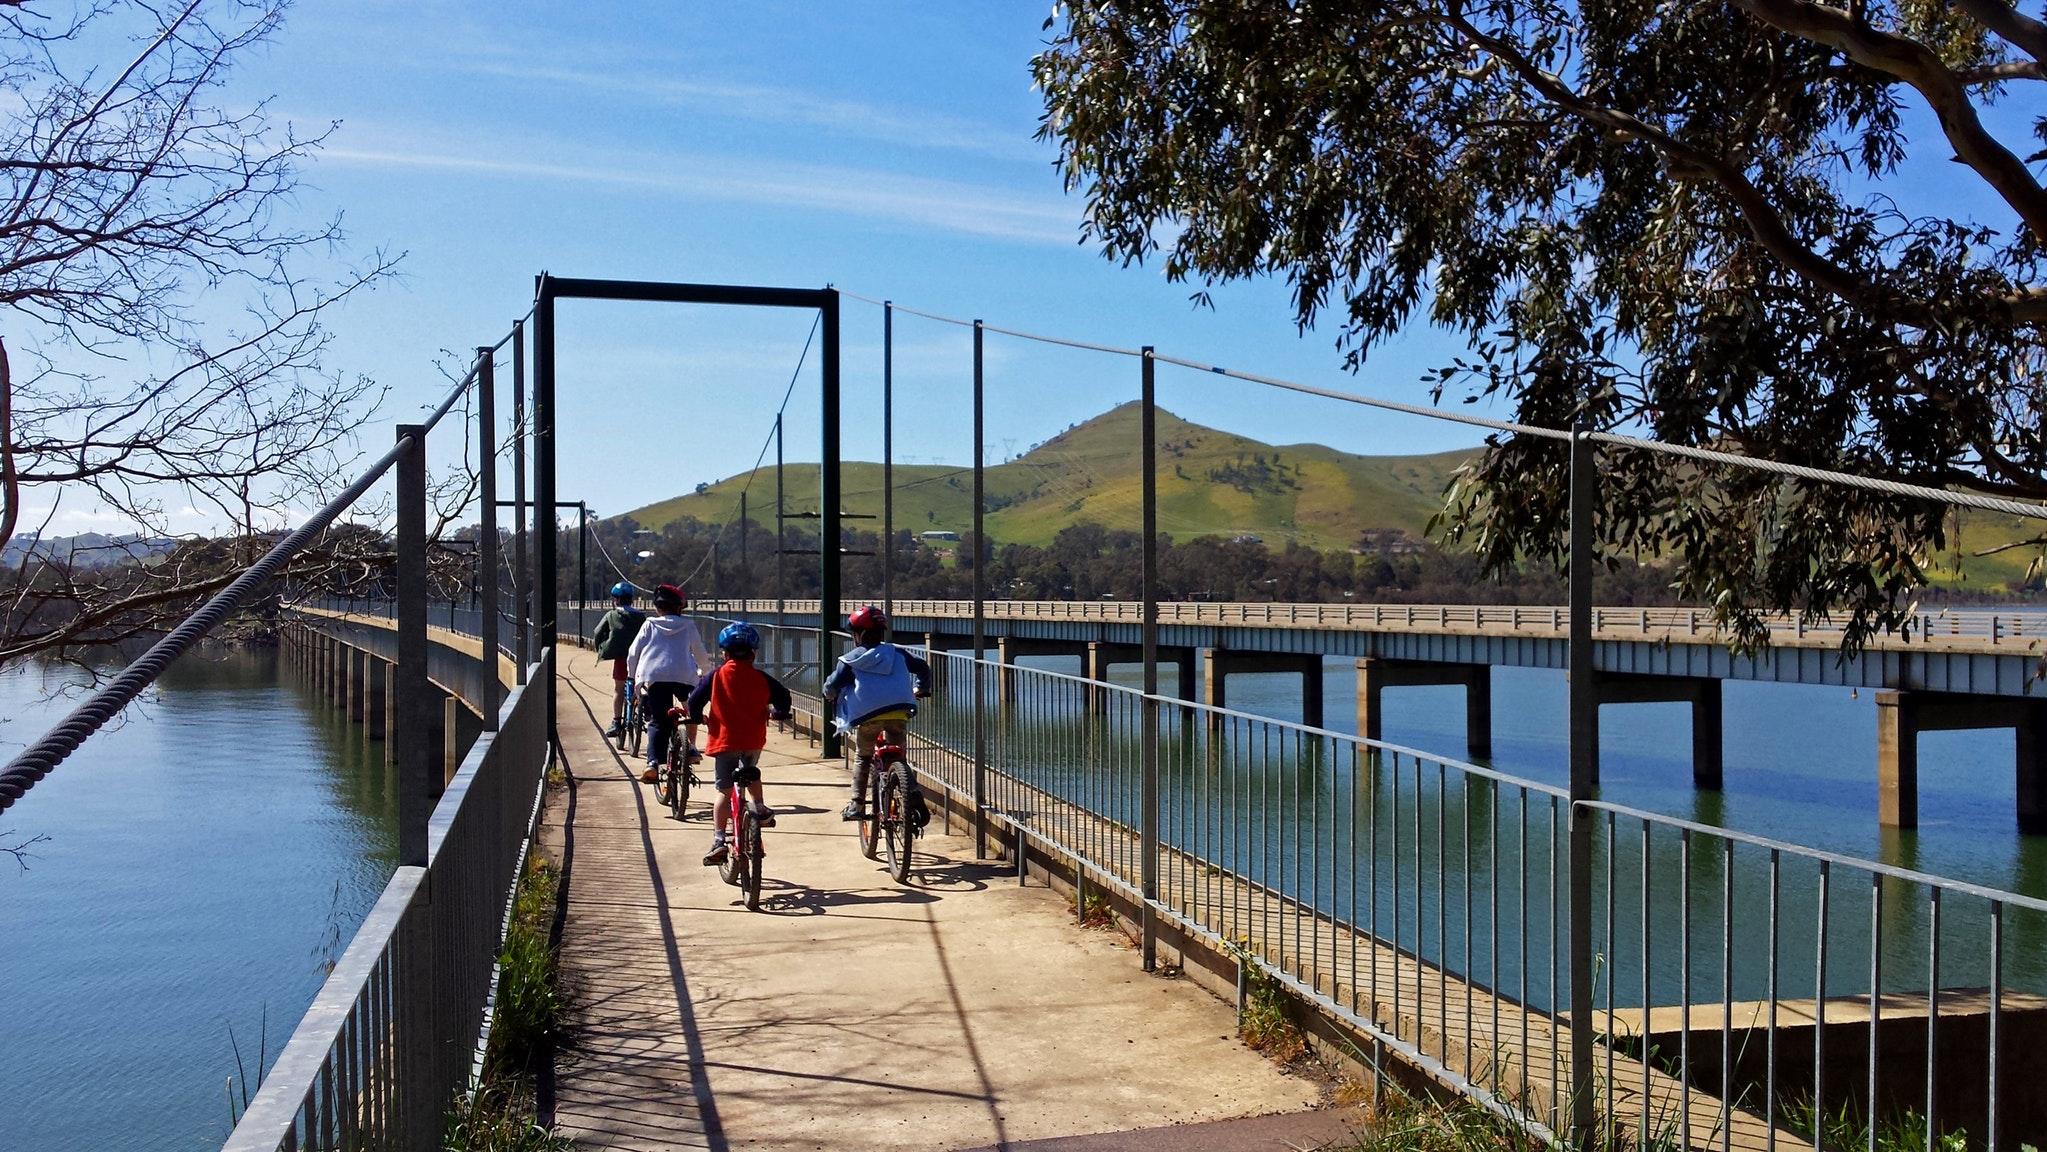 Bonnie Doon Bridge - Great Vic Rail Trail